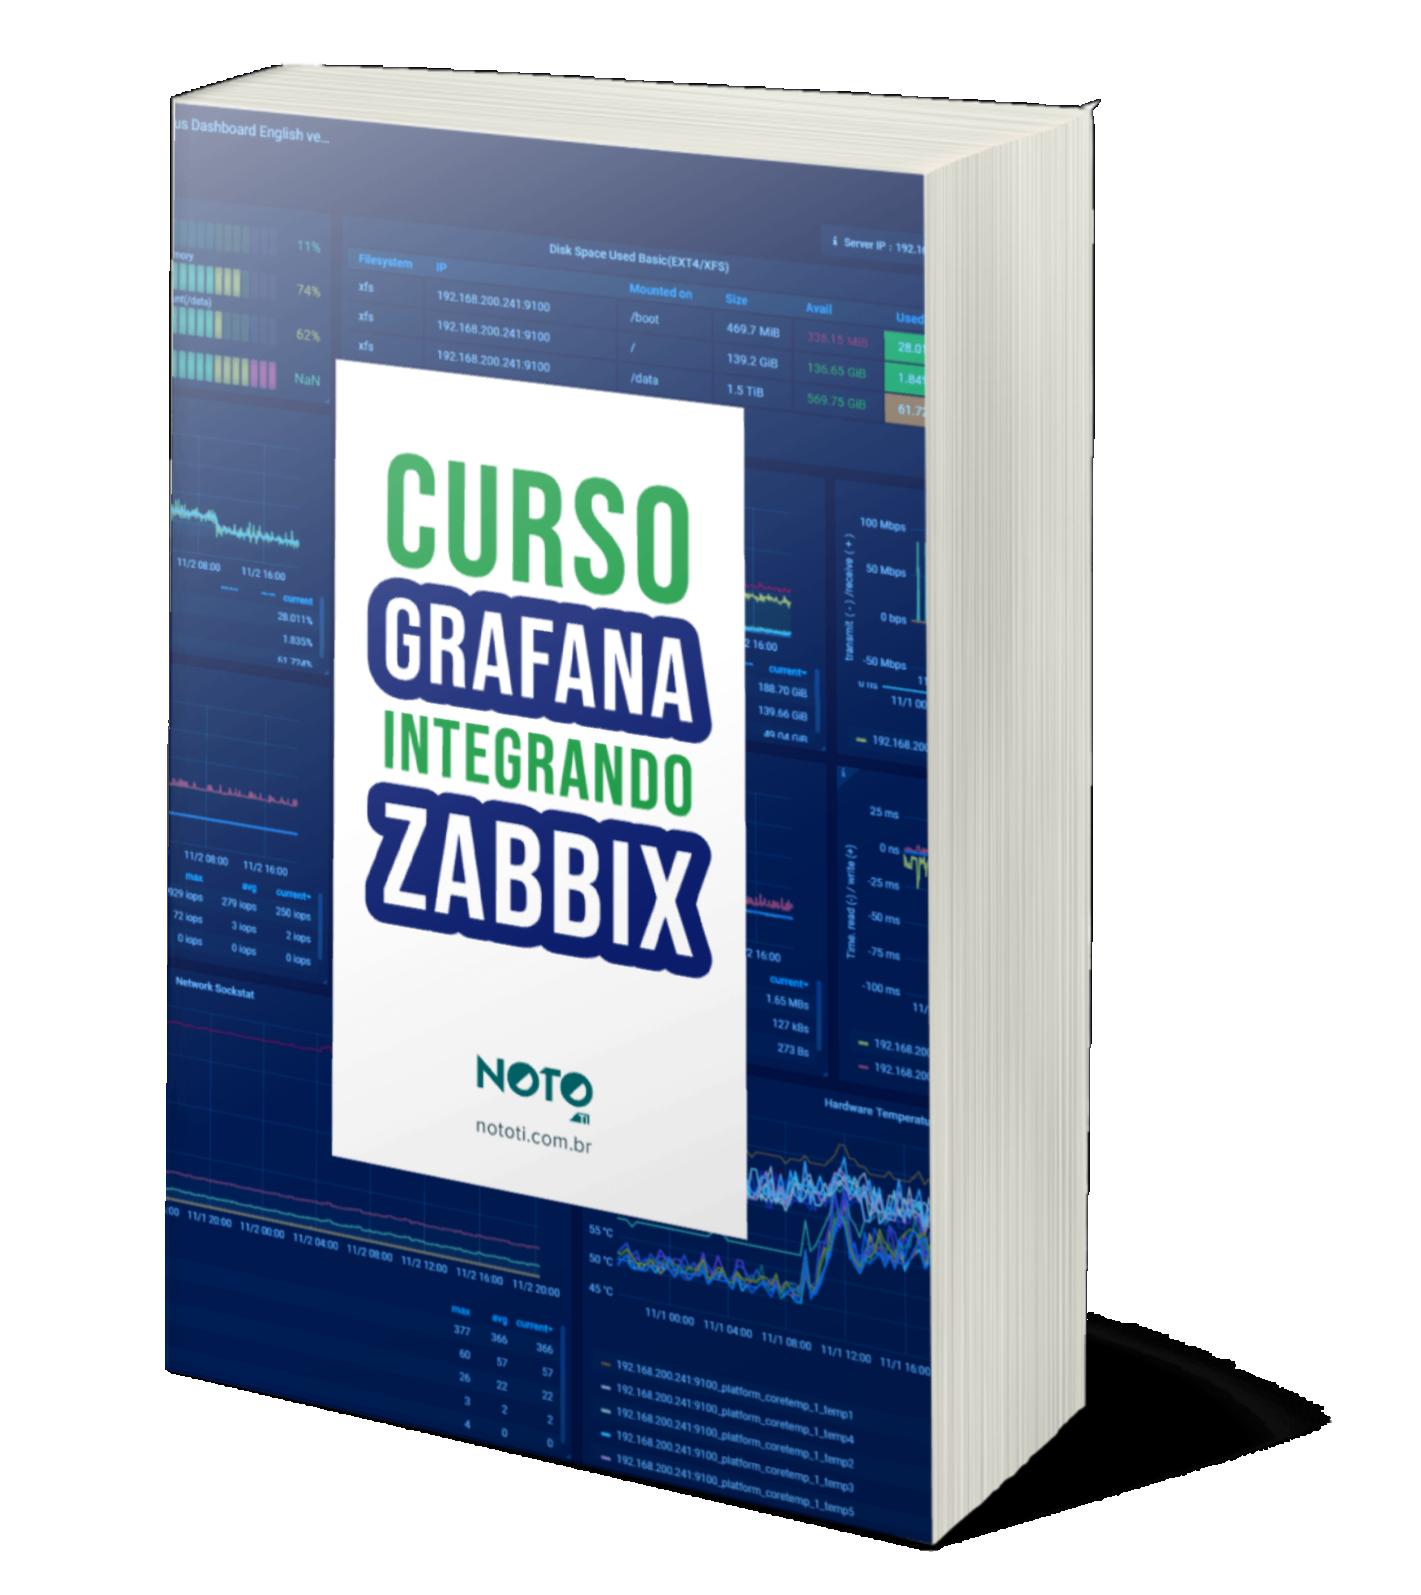 grafana integrado com zabbix